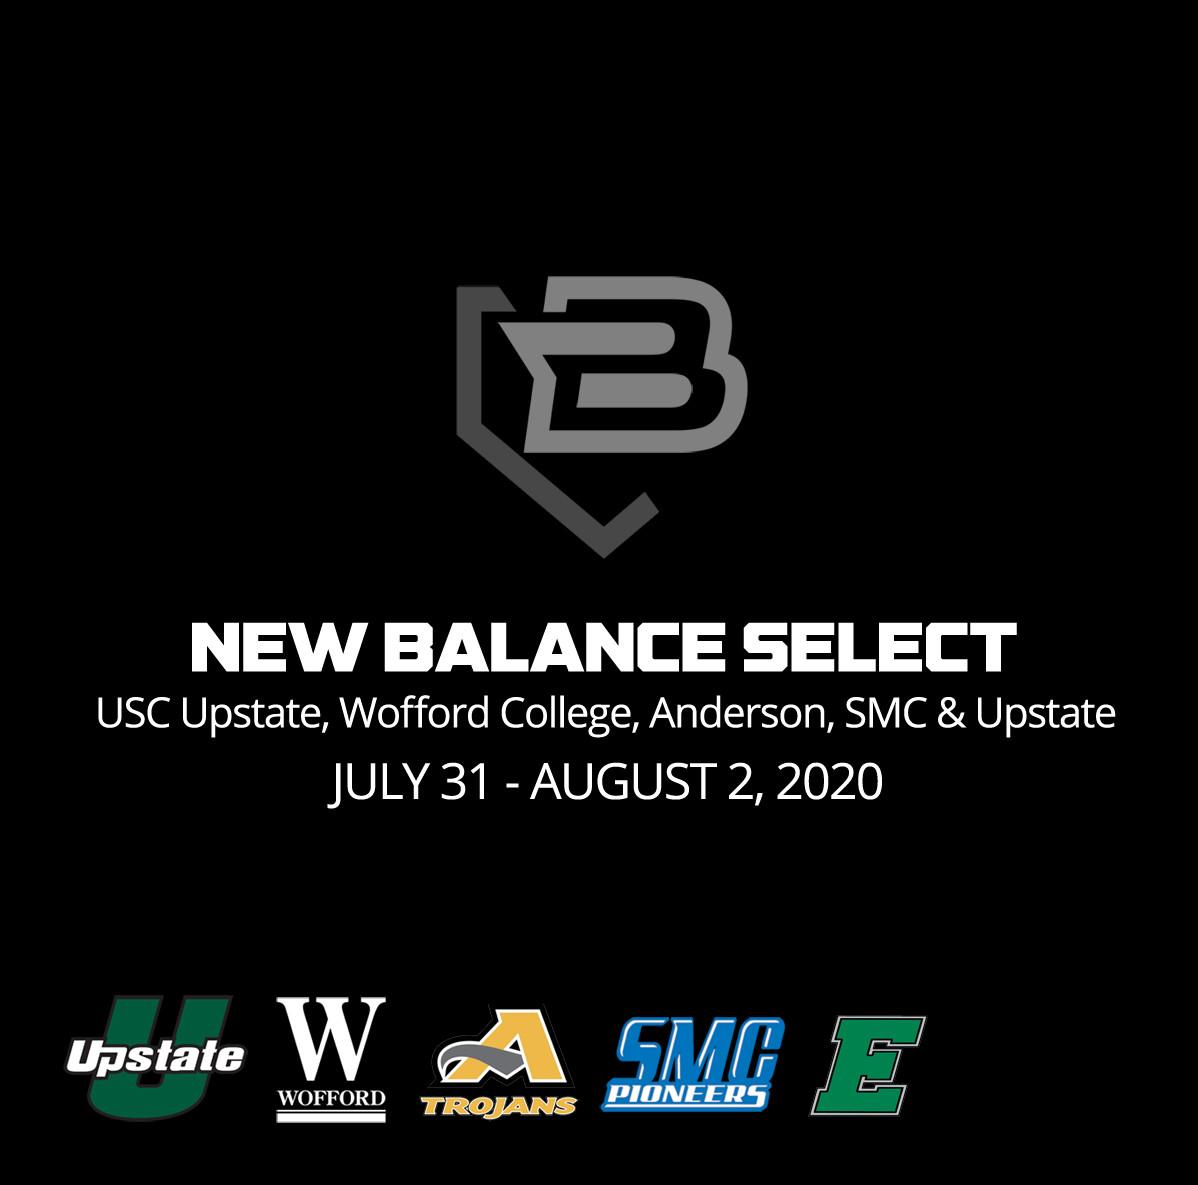 New Balance Select v2.0